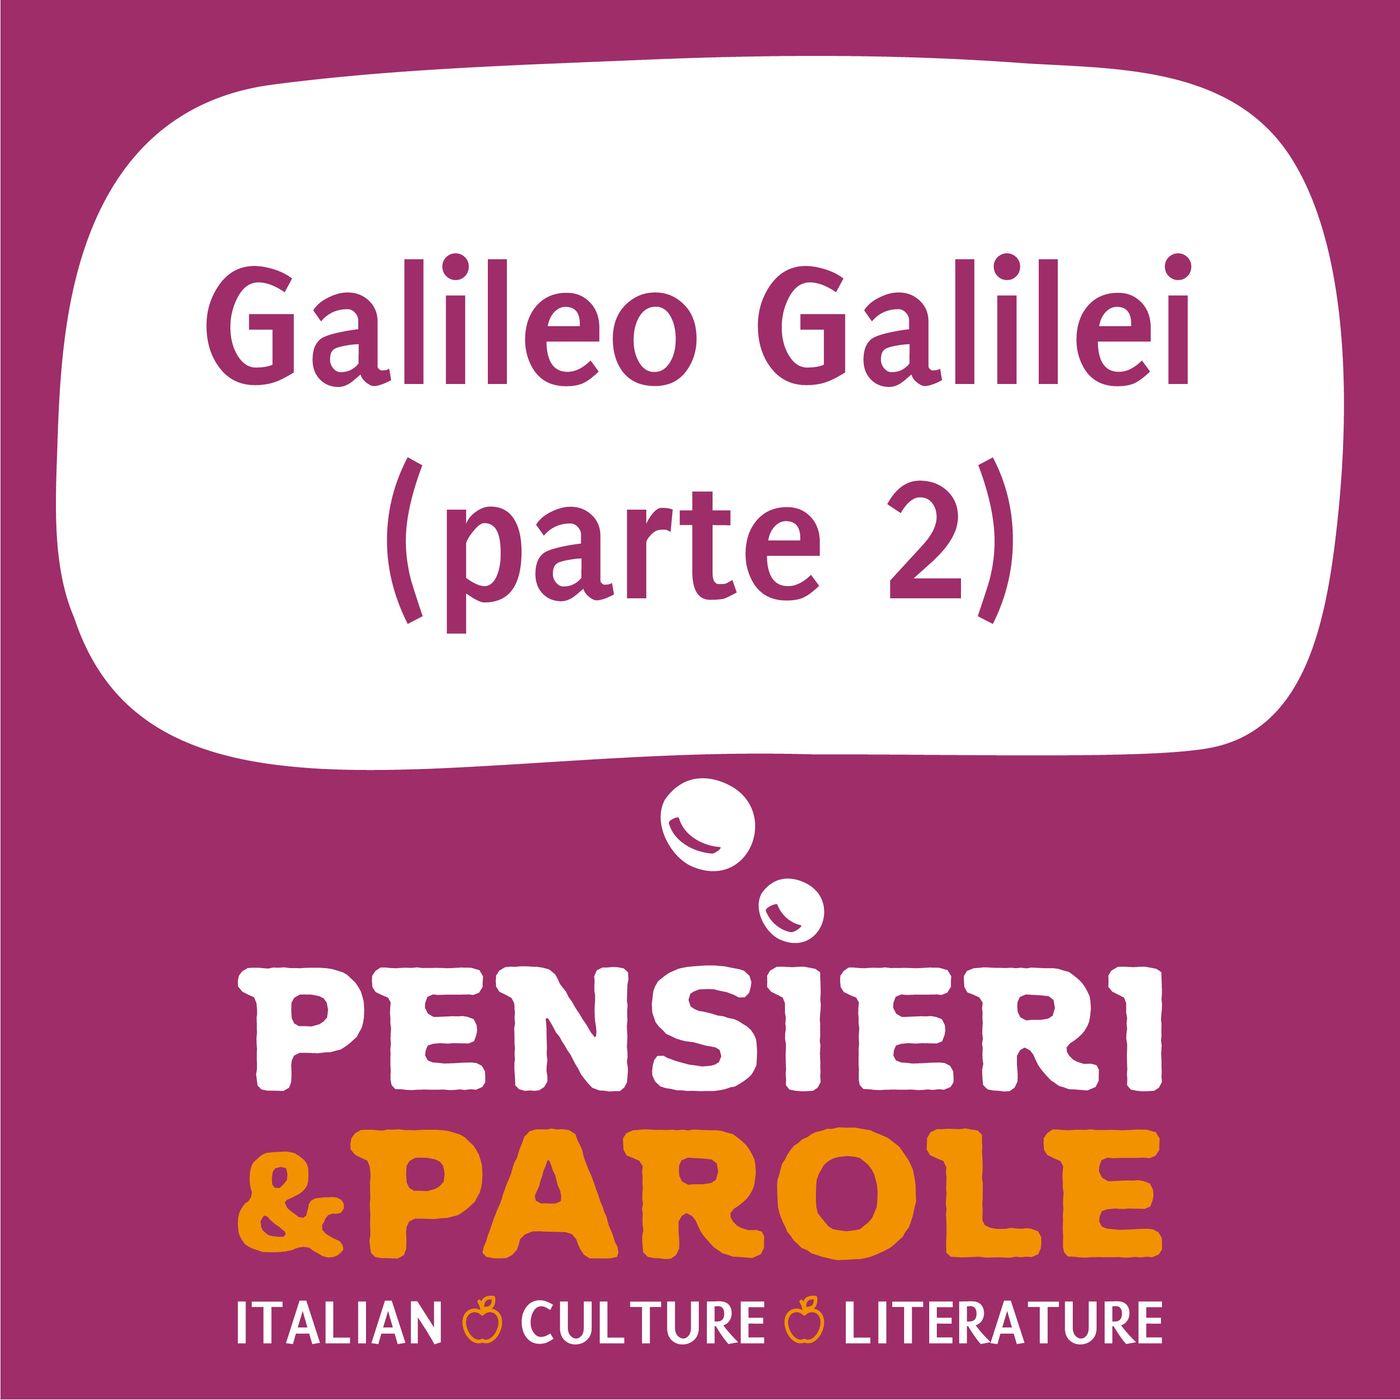 82_Galileo Galilei - parte 2